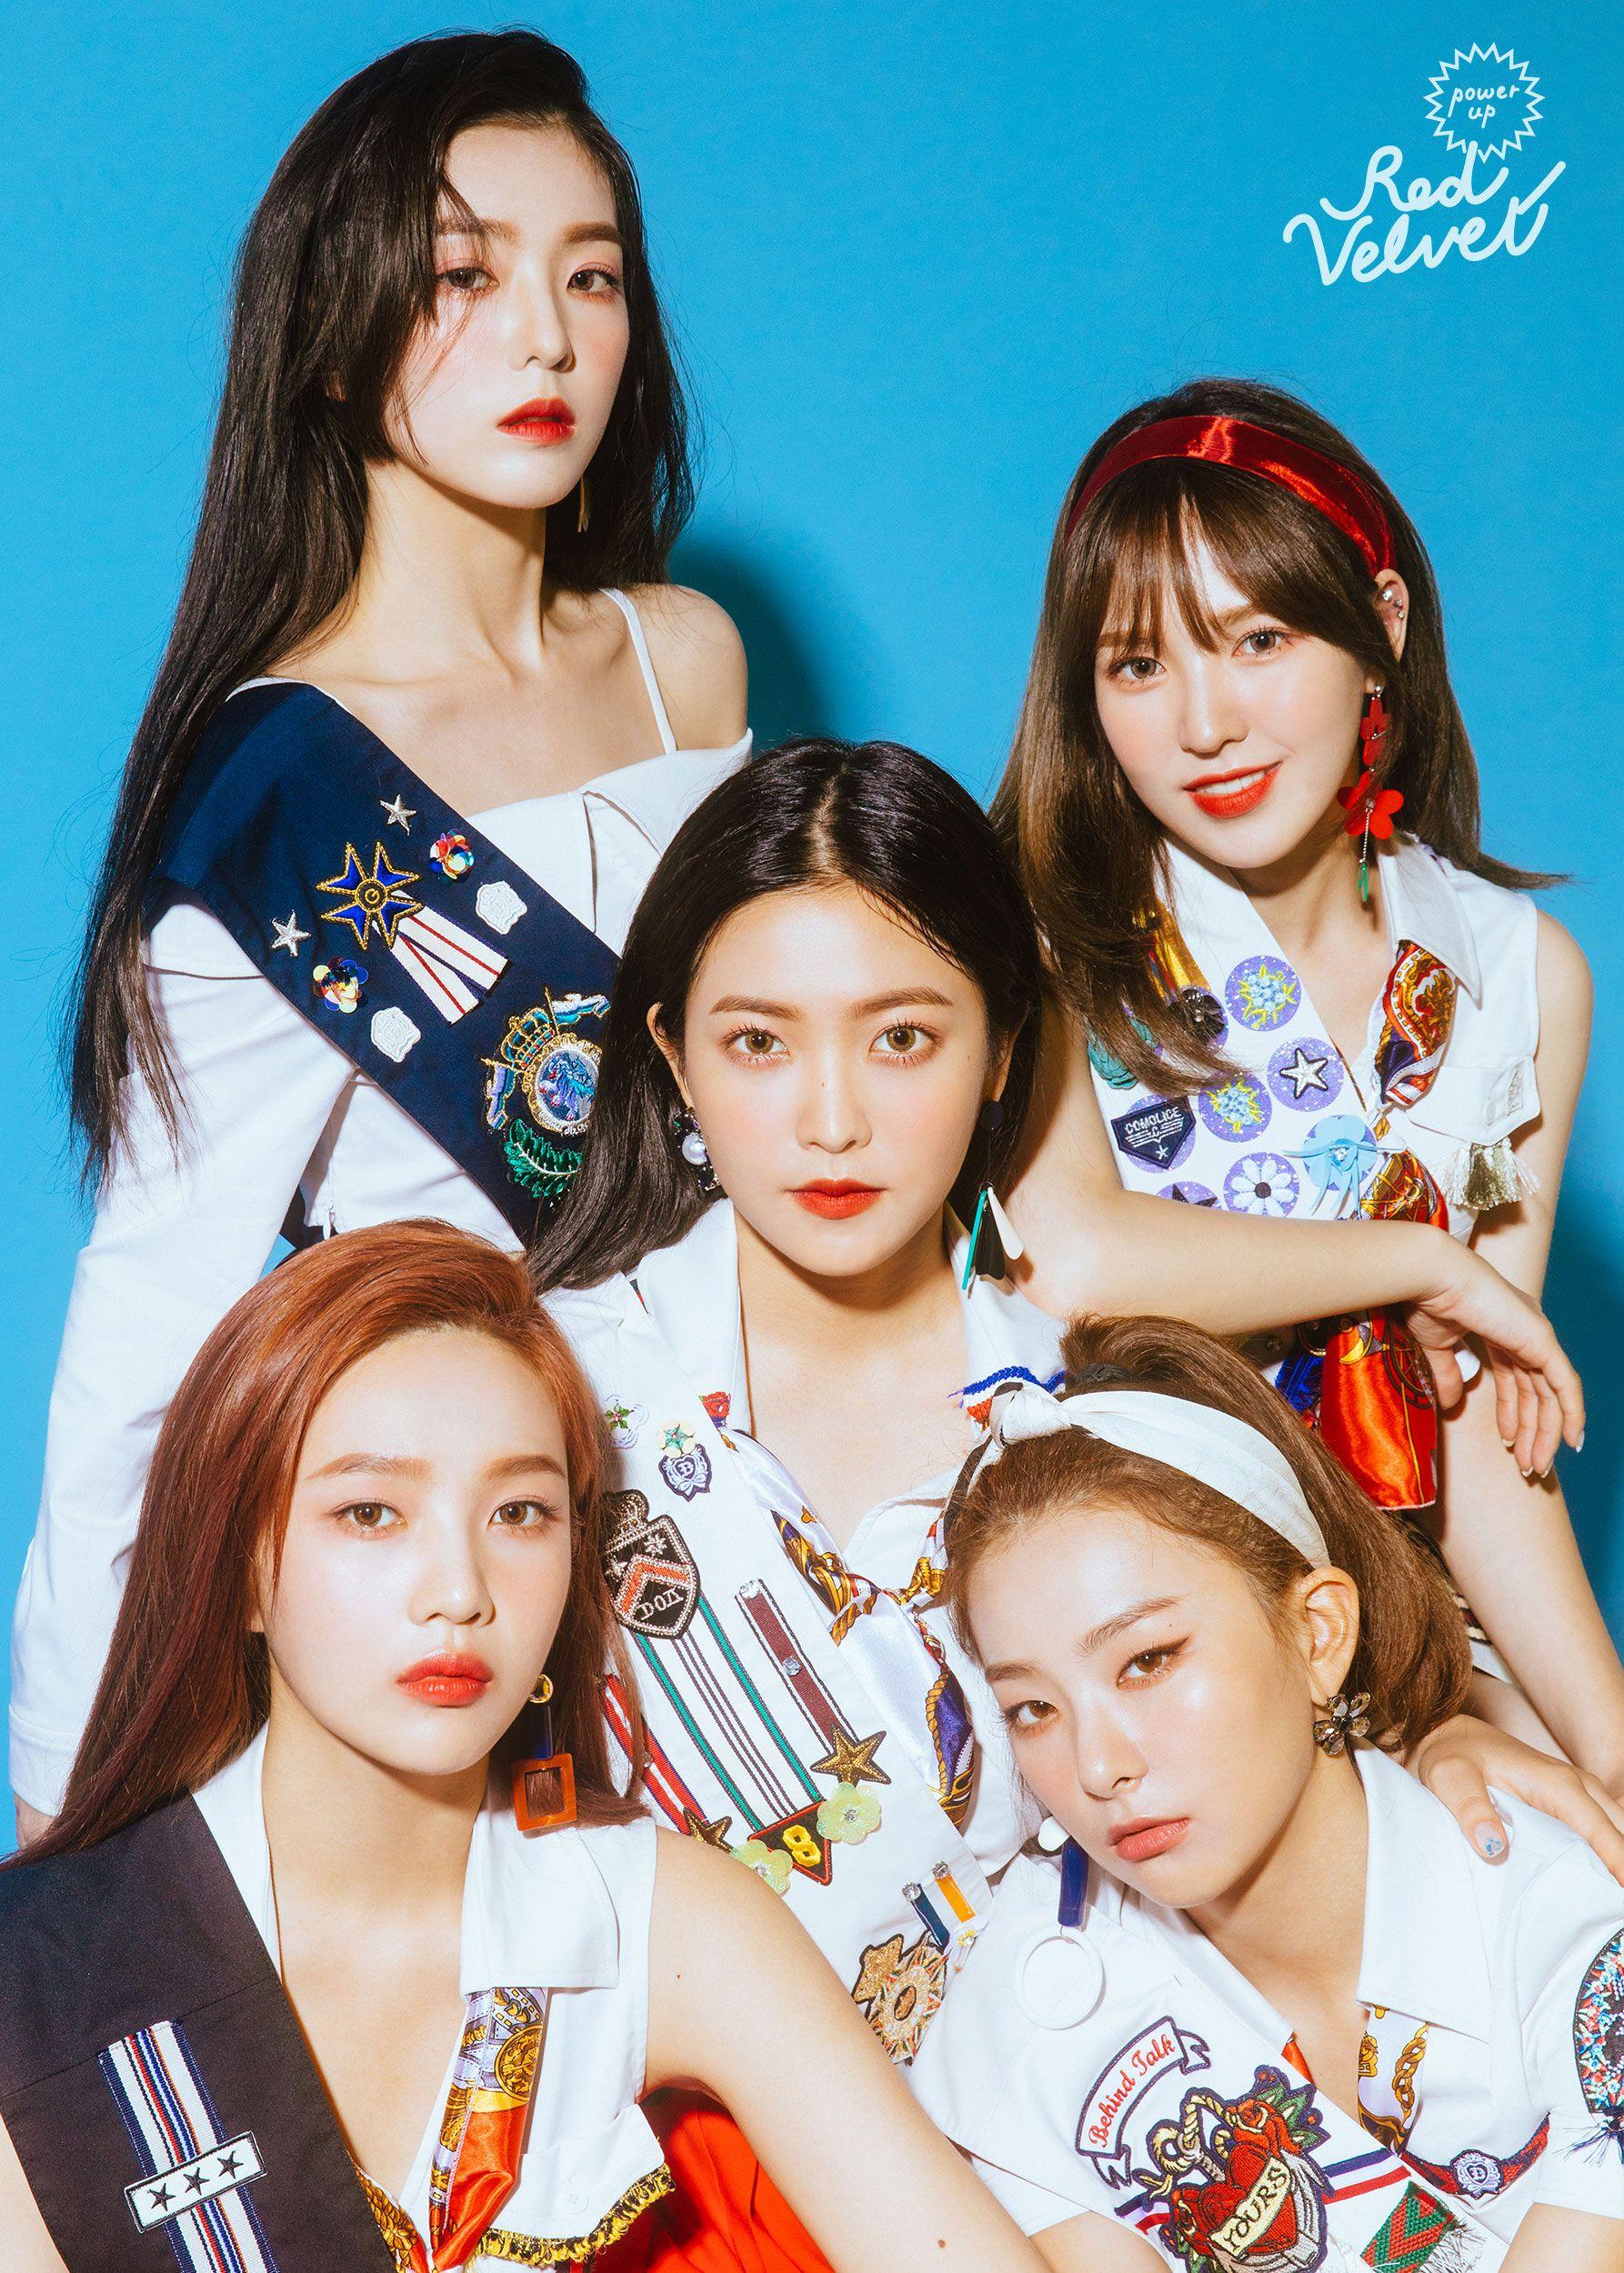 Pin By 내리스 On Red Velvet 레드벨벳 Pinterest Red Velvet Red